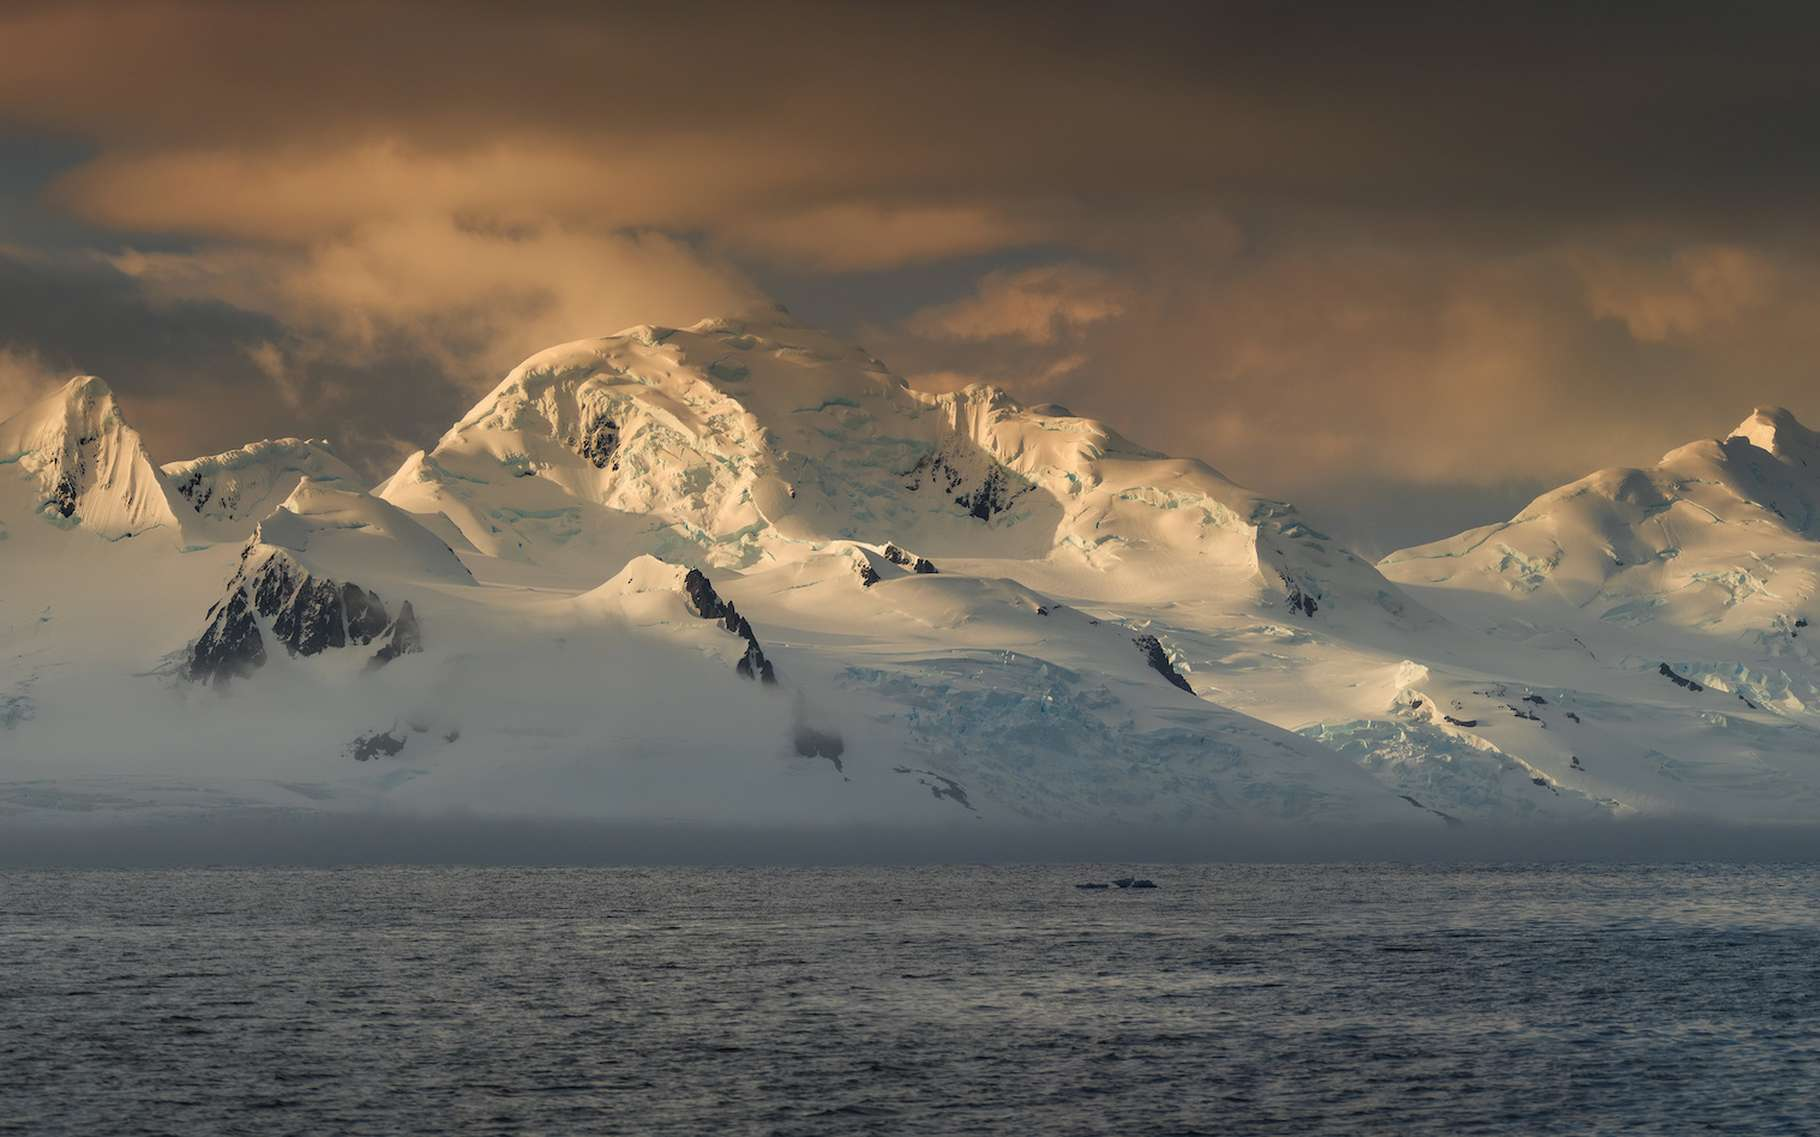 Des chercheurs de l'université de Nouvelle-Galles du Sud (Australie) nous révèlent que lors de la dernière période interglaciaire, l'Antarctique a fondu, provoquant une importante montée du niveau des mers. © sergejson, Adobe Stock